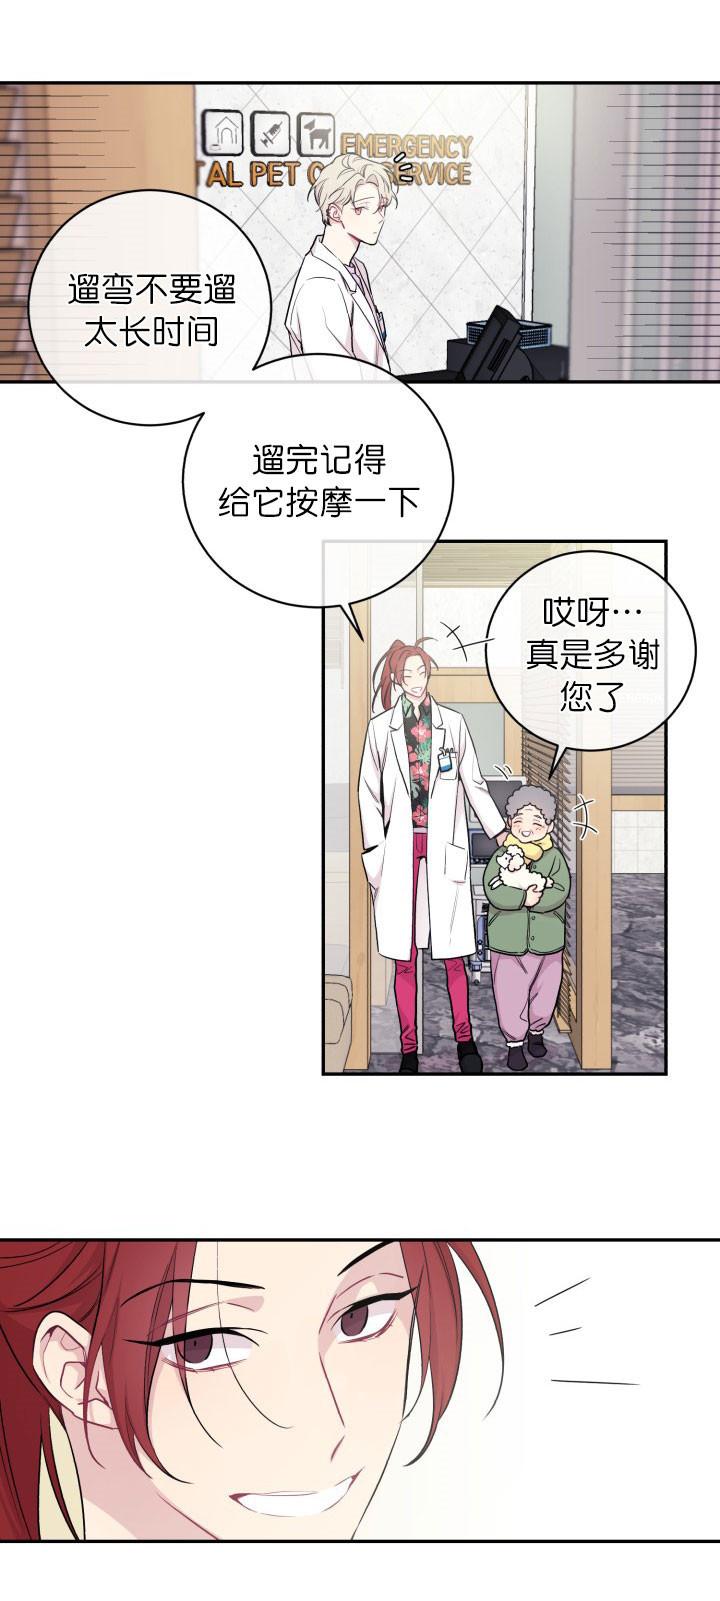 《月下狼嚎》漫画 & 韩漫完整版 (全文在线阅读)